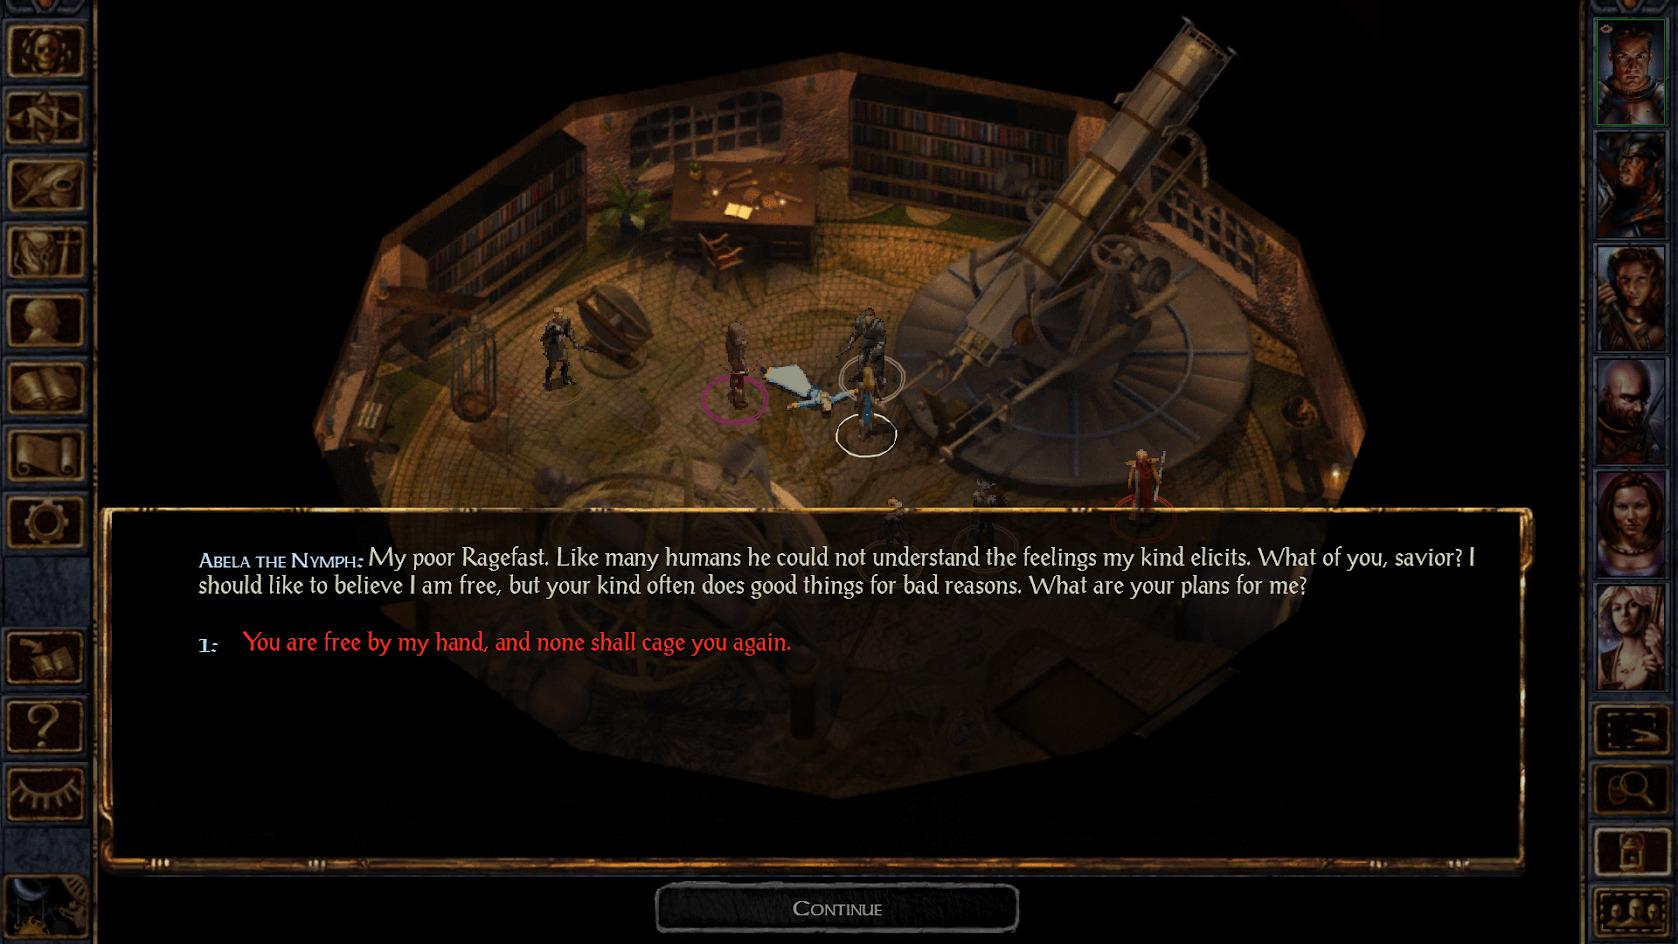 Иллюстрация на тему Baldur's Gate на Андроид: скачать полную версию игры на русском